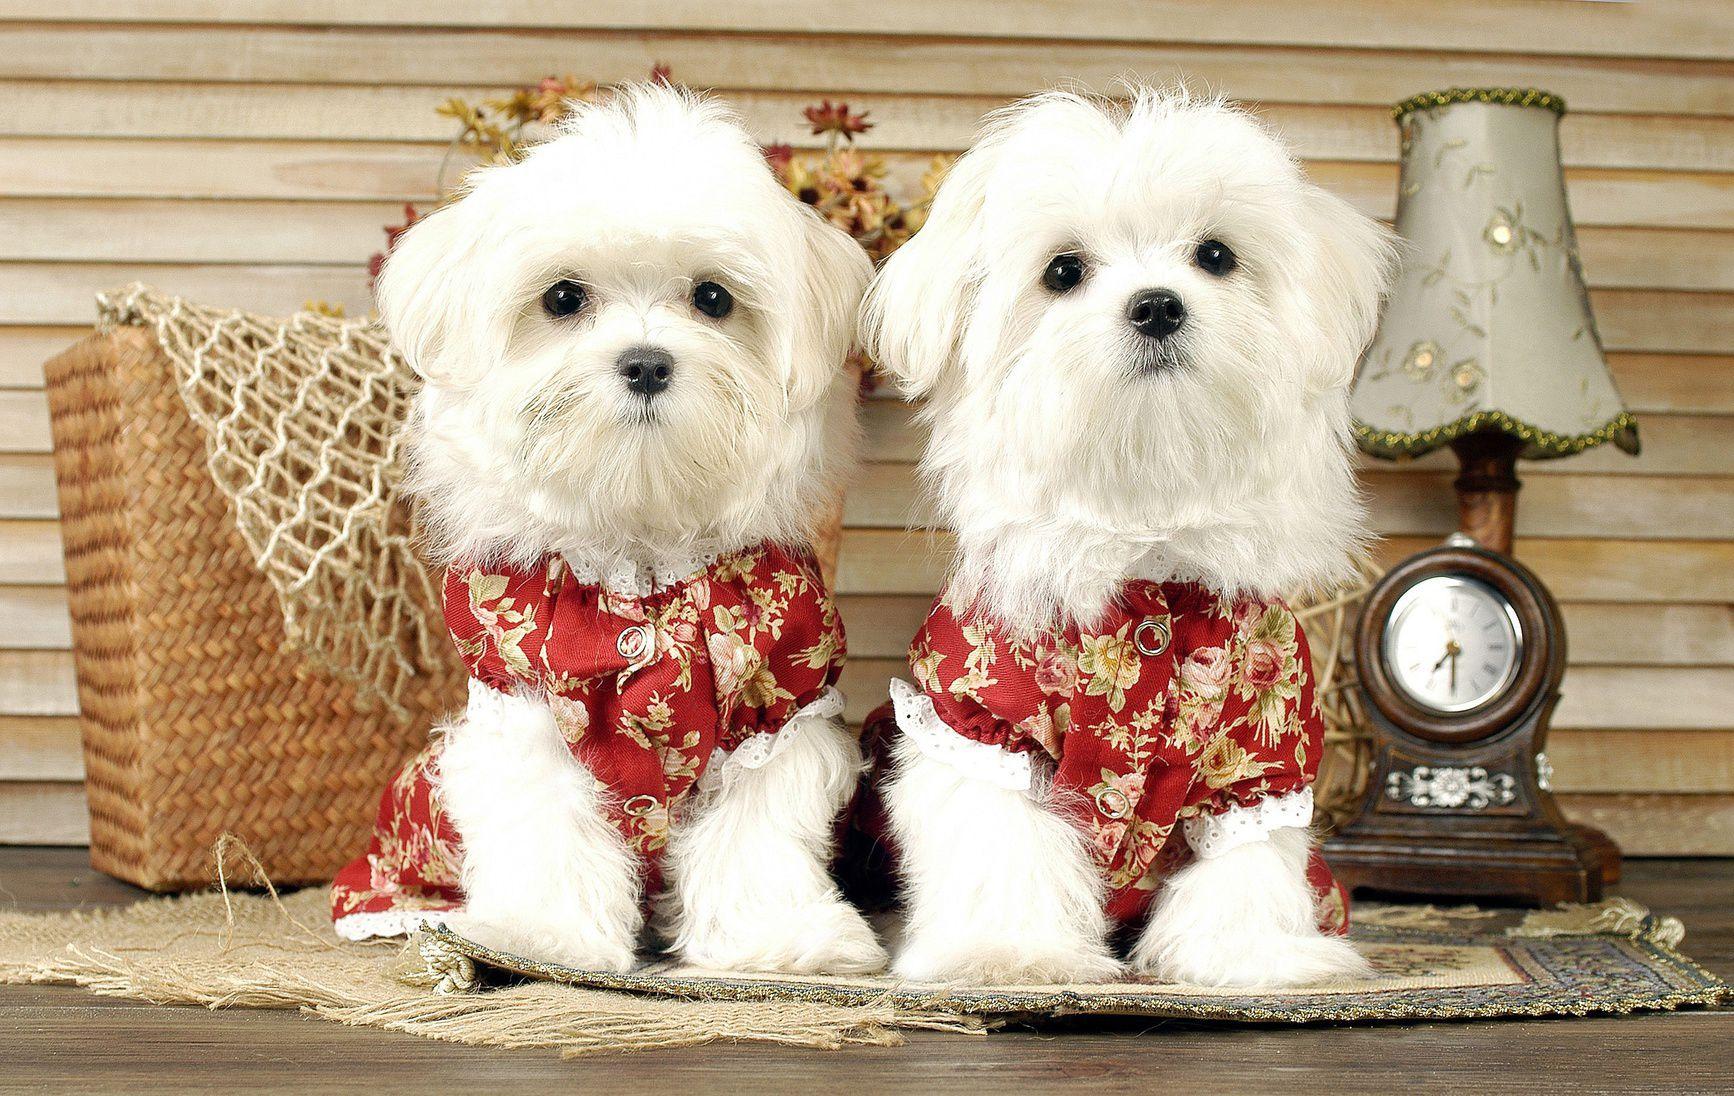 愛犬と一緒に写真を撮ろう!人気のペットスタジオ5選【福岡県】